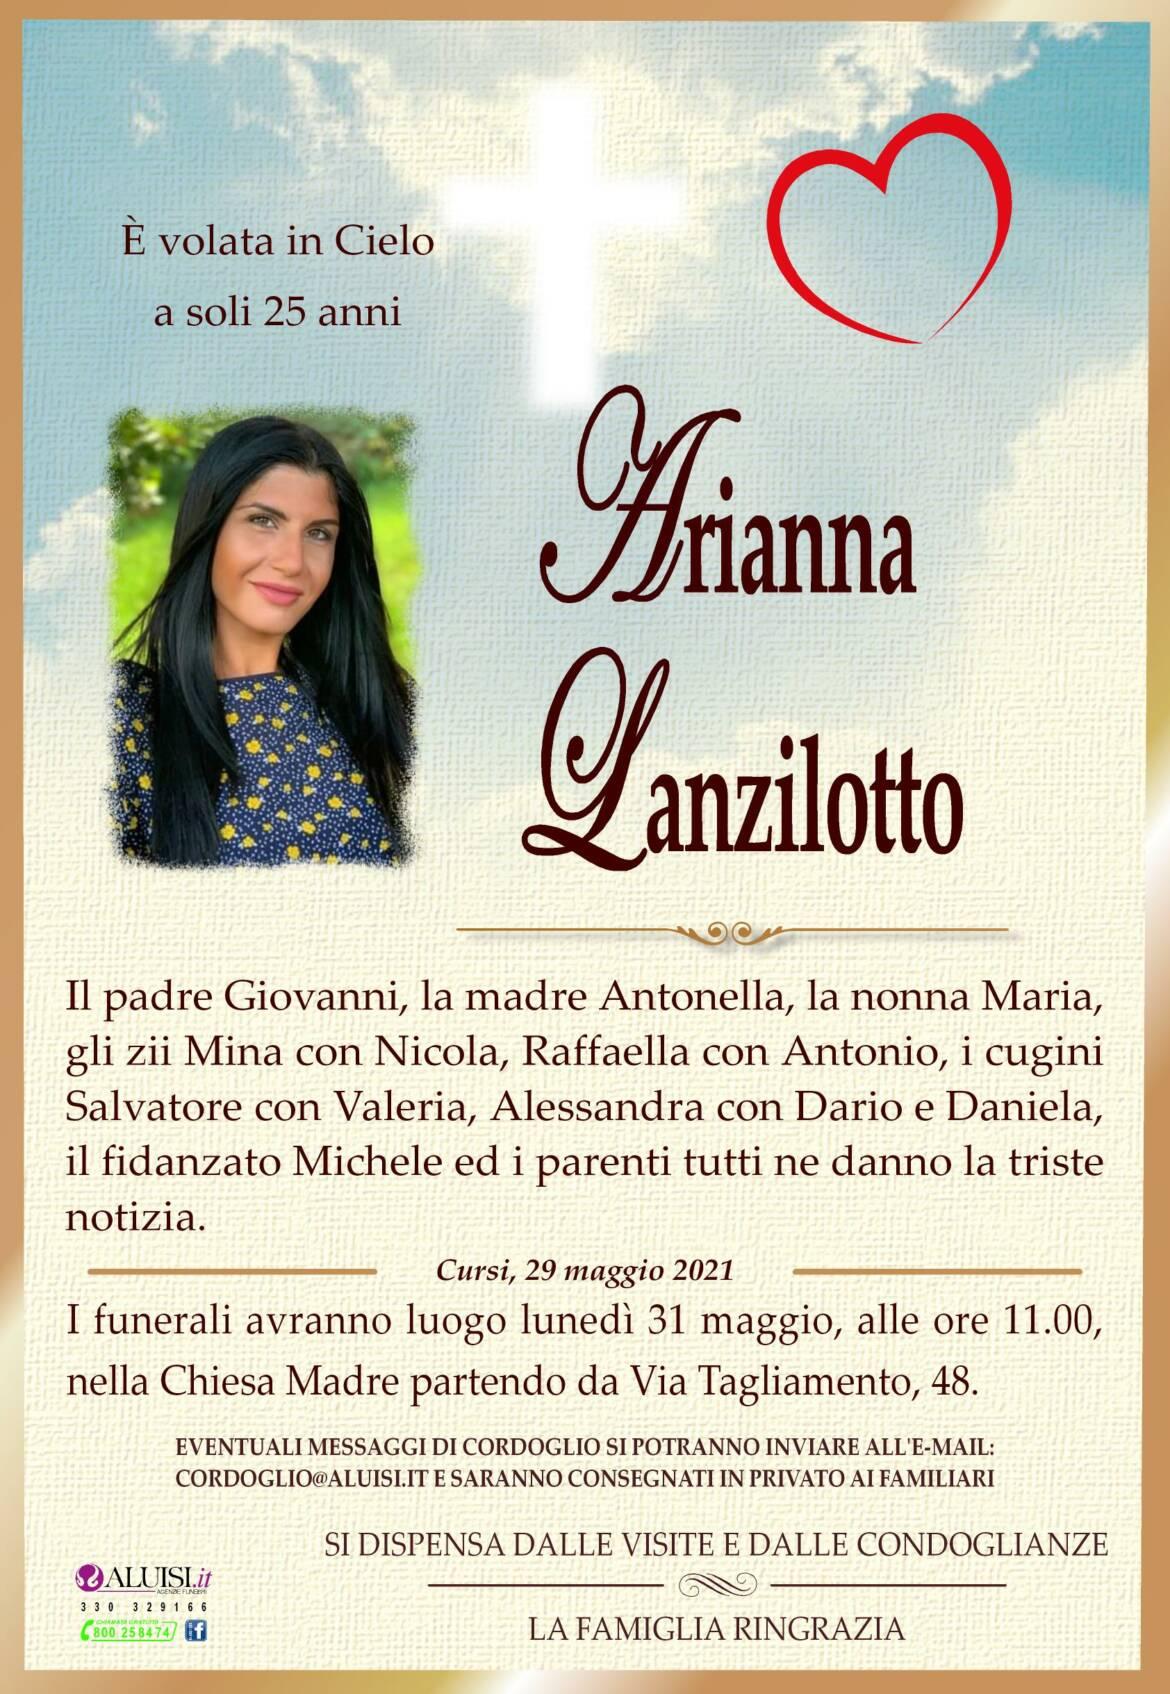 Annuncio-Arianna-Lanzilotto-Cursi-1.jpg